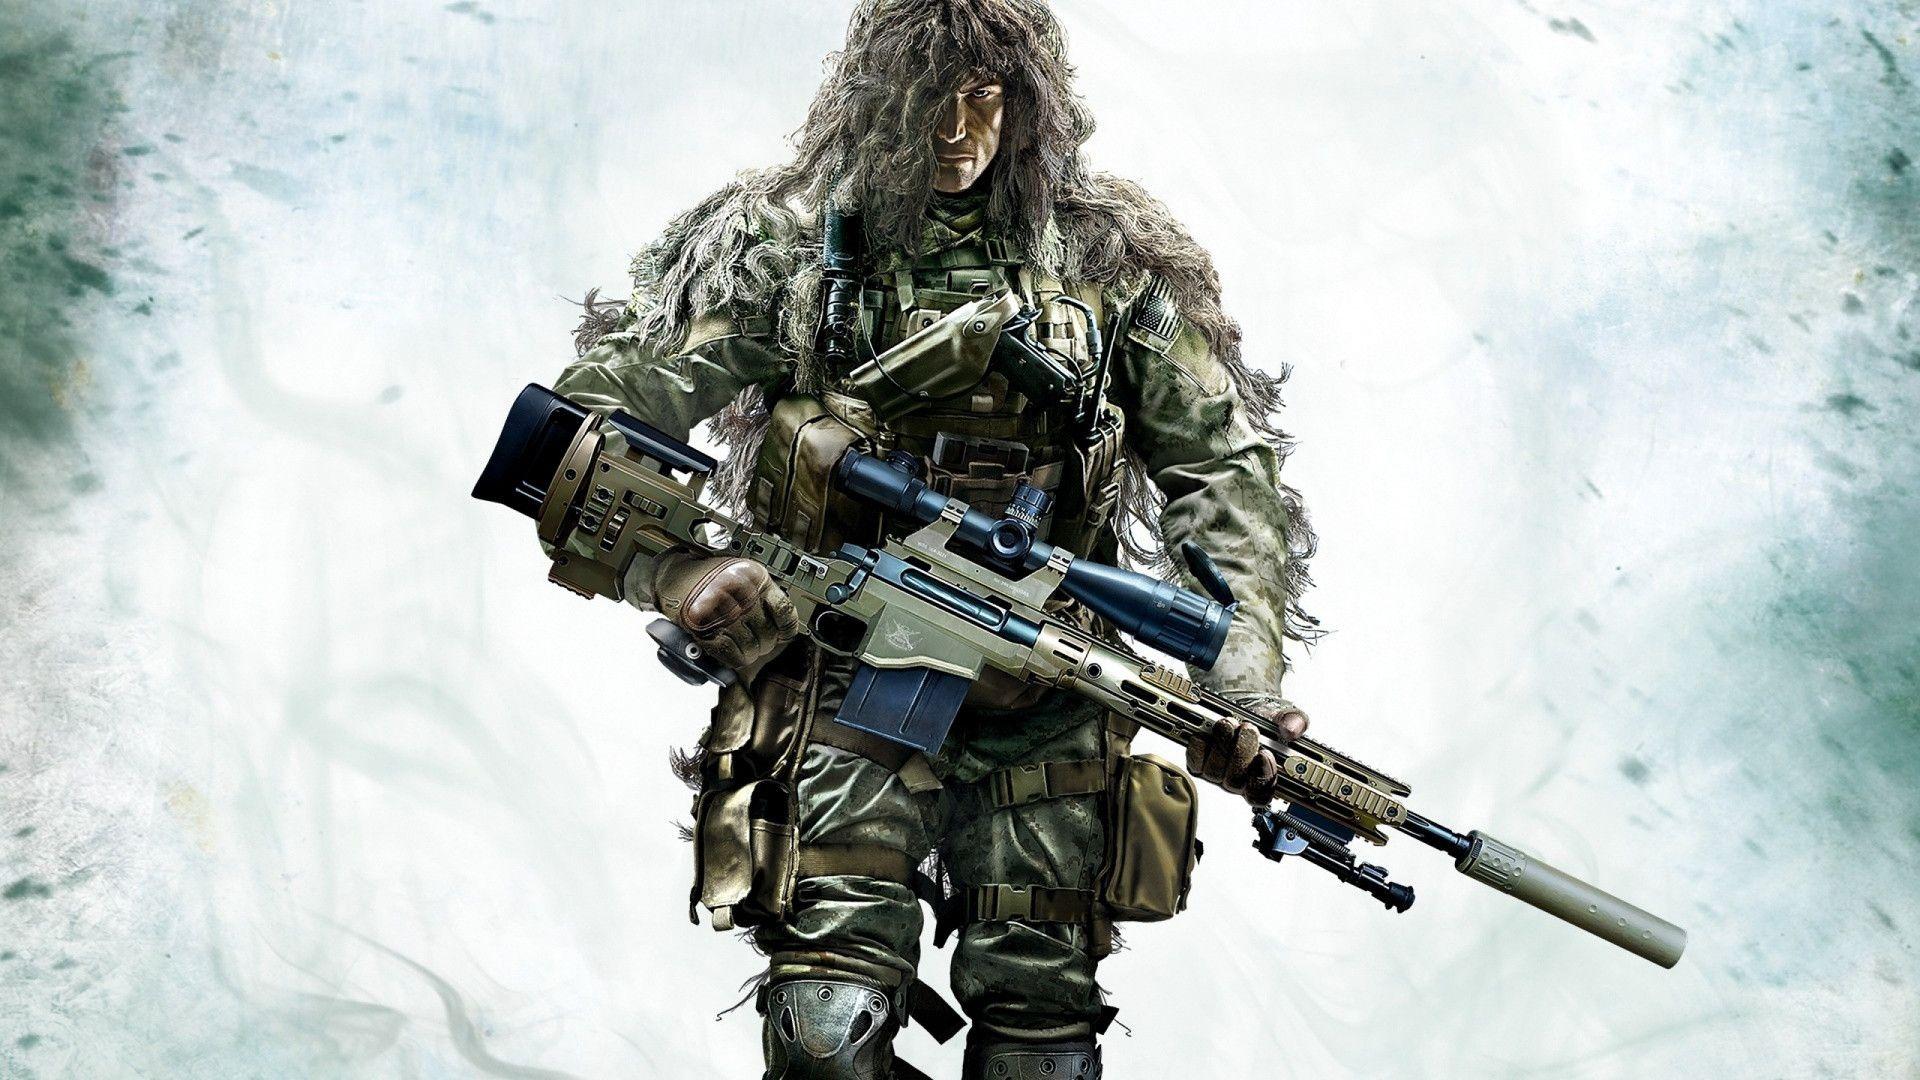 player unknown battlegrounds background, pubg 1080p, 1920x1080 pubg